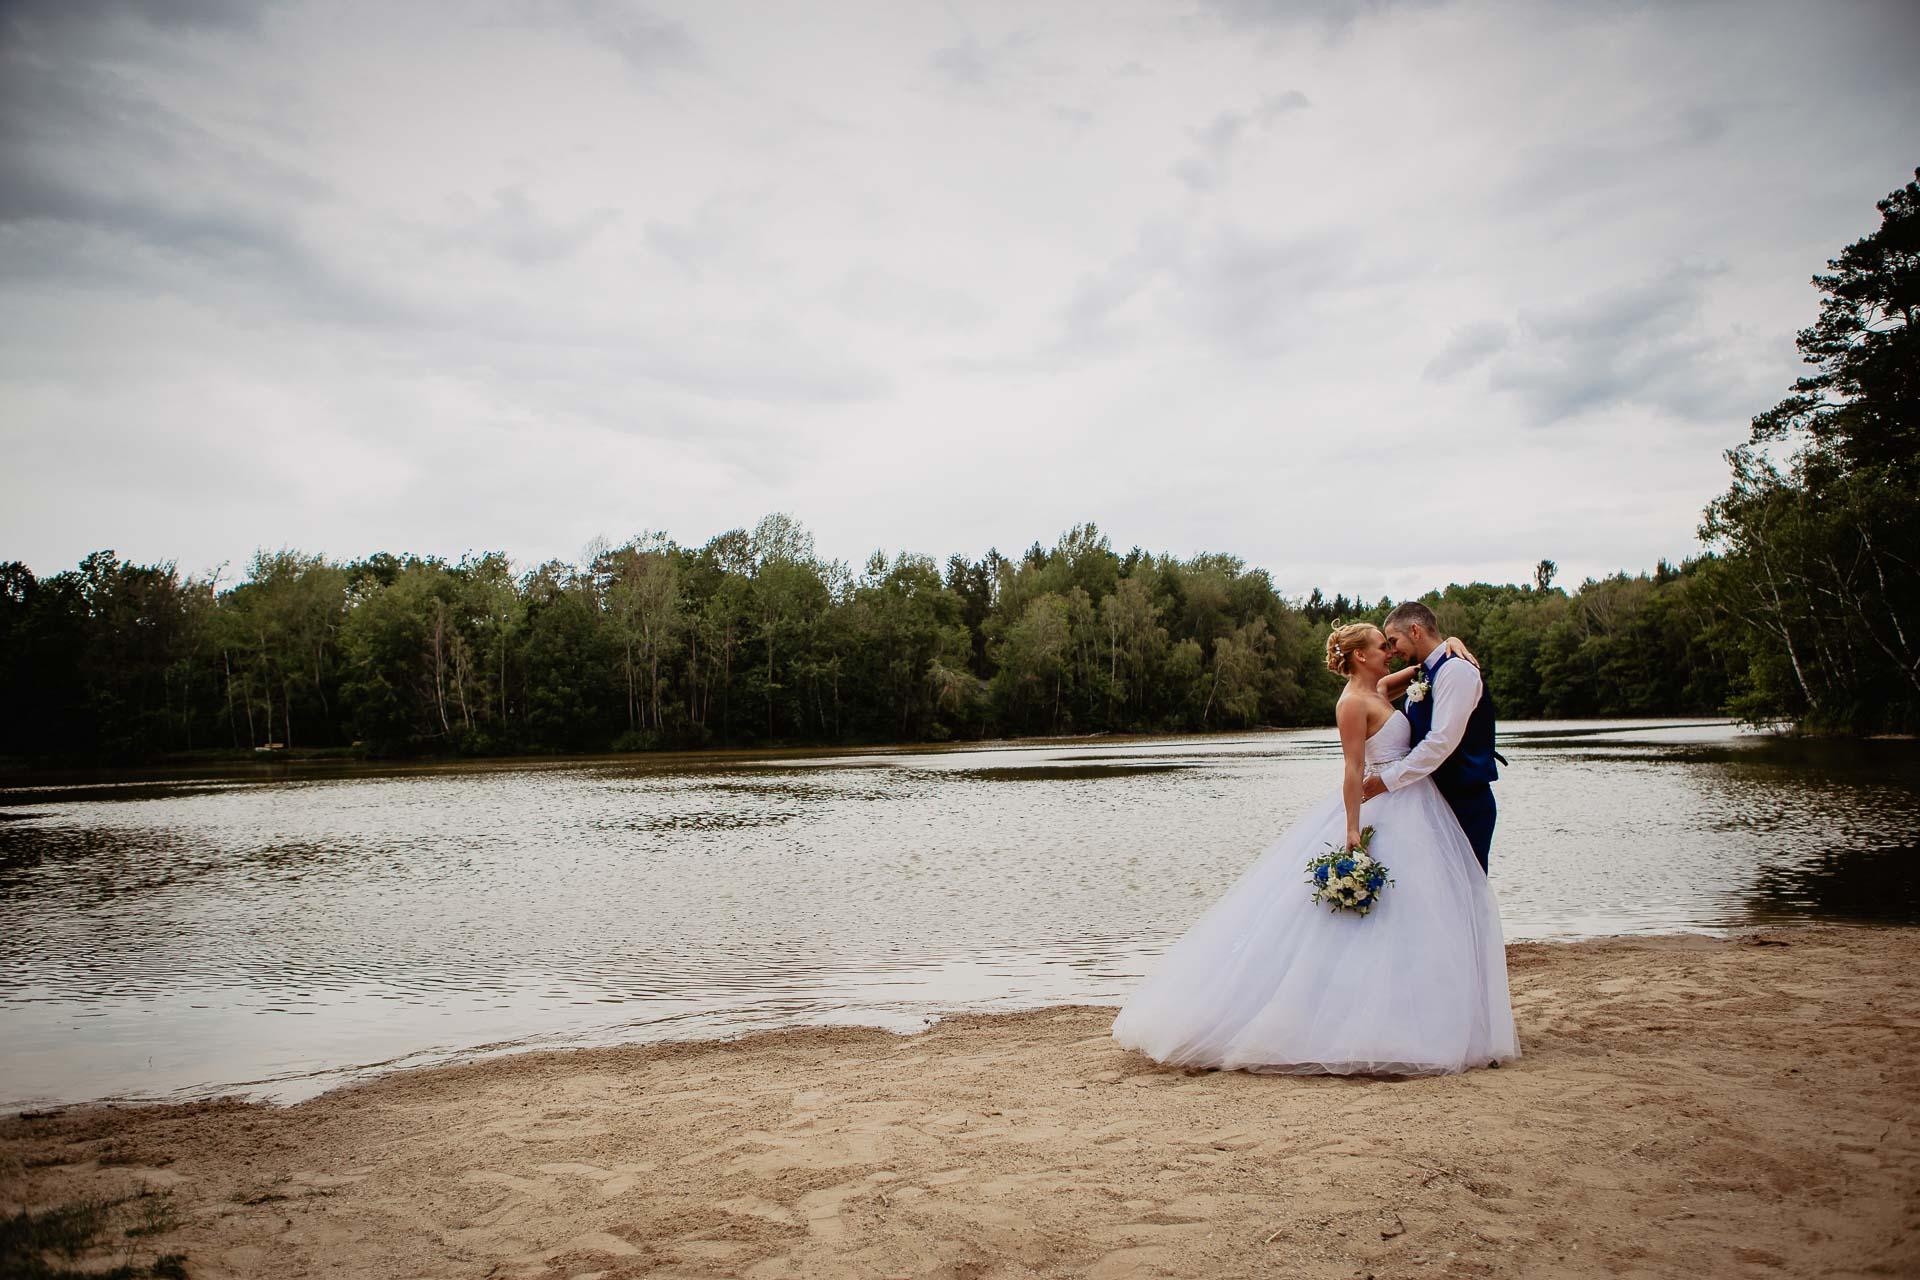 svatební-fotograf-Jívák-svatební-fotograf-Loučeň-svatební-video-Loučeň-186